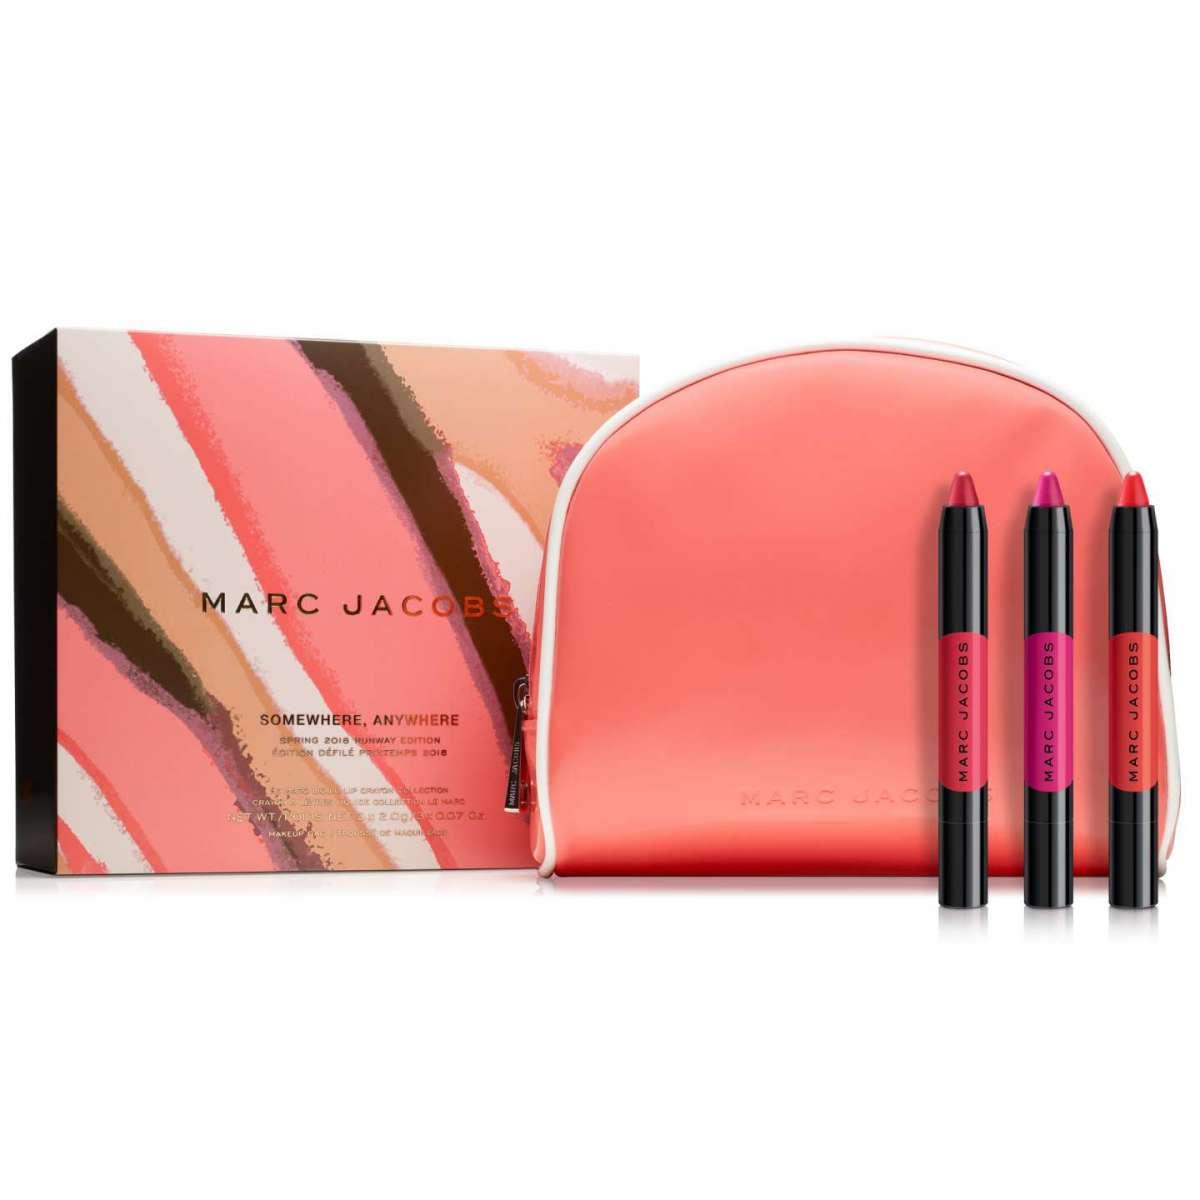 I nuovi rossetti matitoni di Marc Jacobs